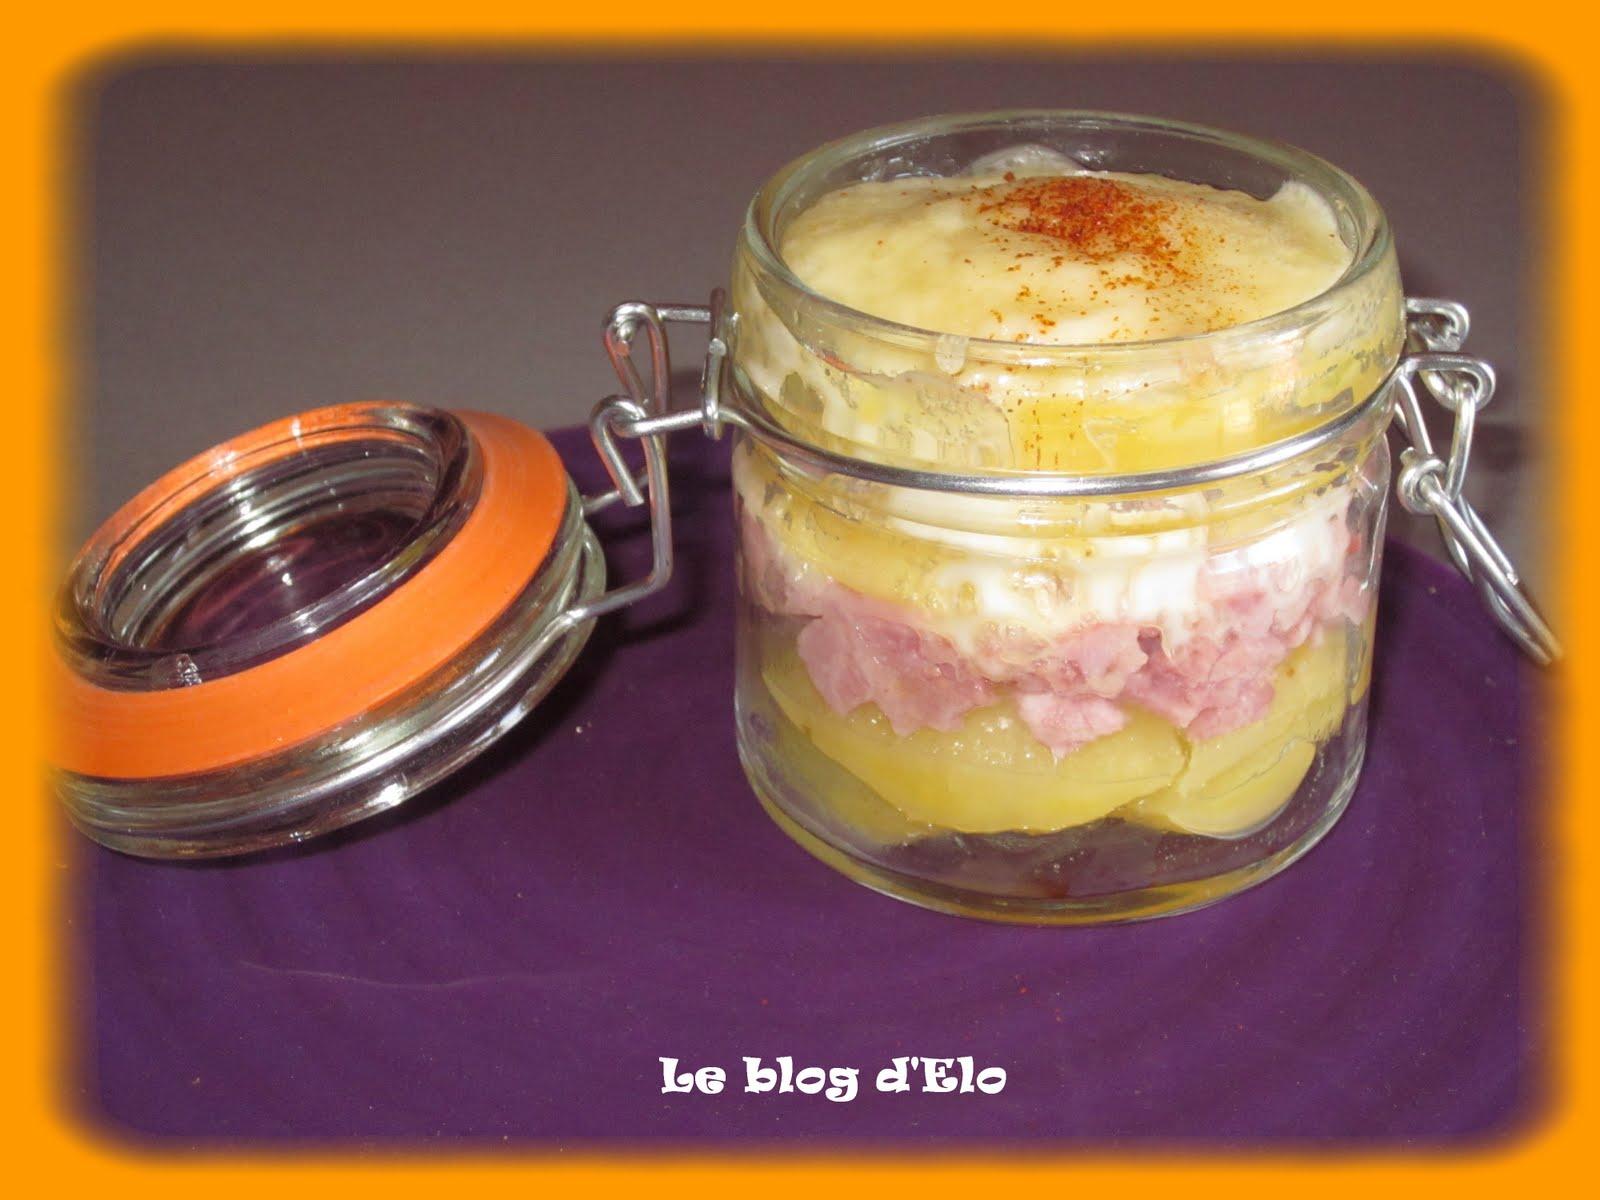 Le blog d 39 elo raclette en bocal - Recette de raclette originale ...